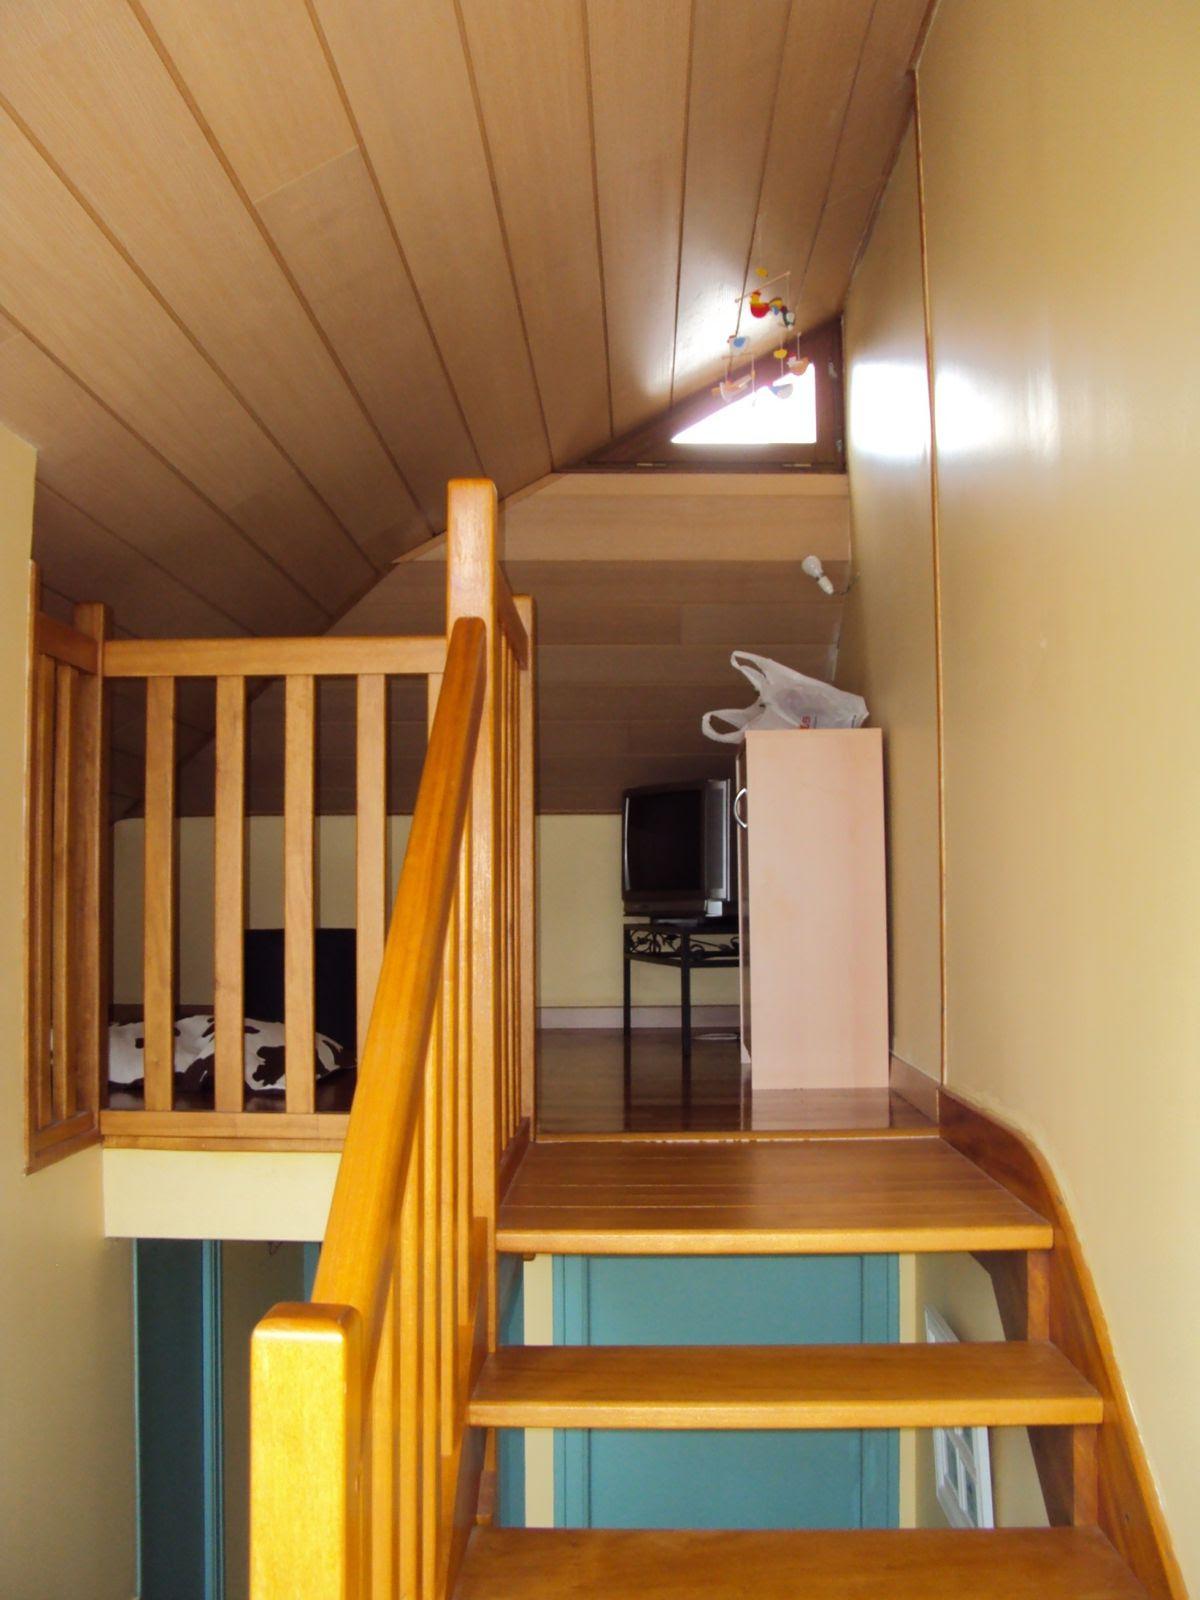 comment faire une v randa en bois soi meme. Black Bedroom Furniture Sets. Home Design Ideas